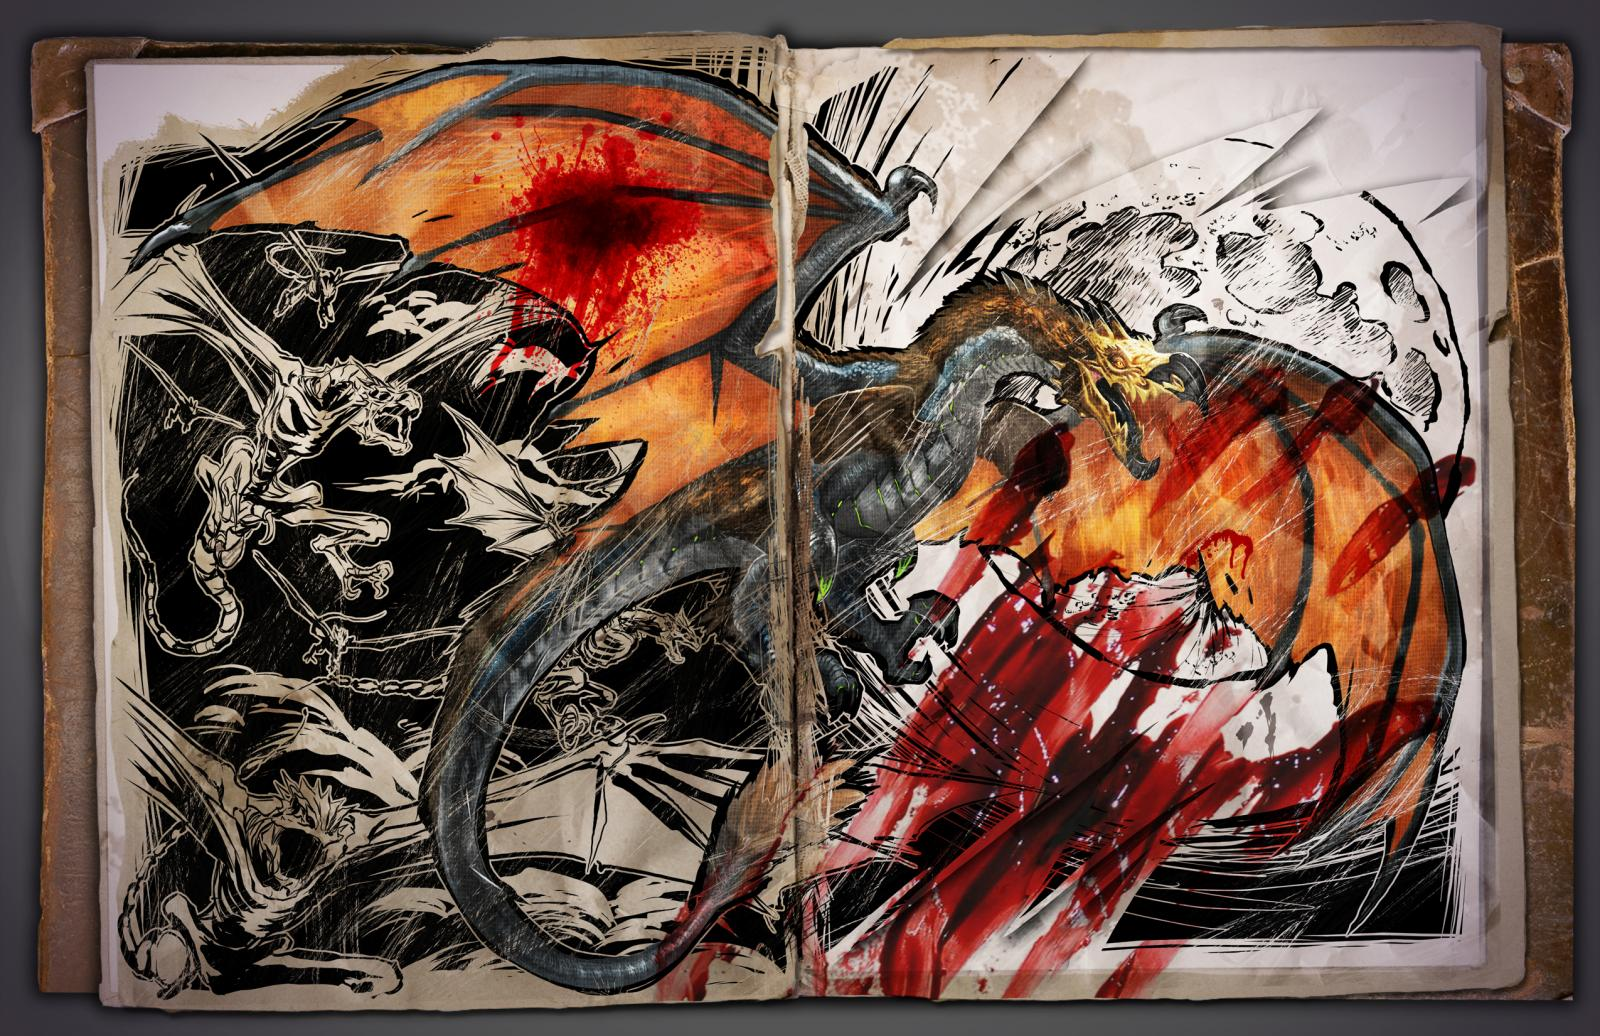 Dodo wyvern eventkreatur bossgegner scorched earth wiki 71qhmol2d9lsl1500g malvernweather Gallery